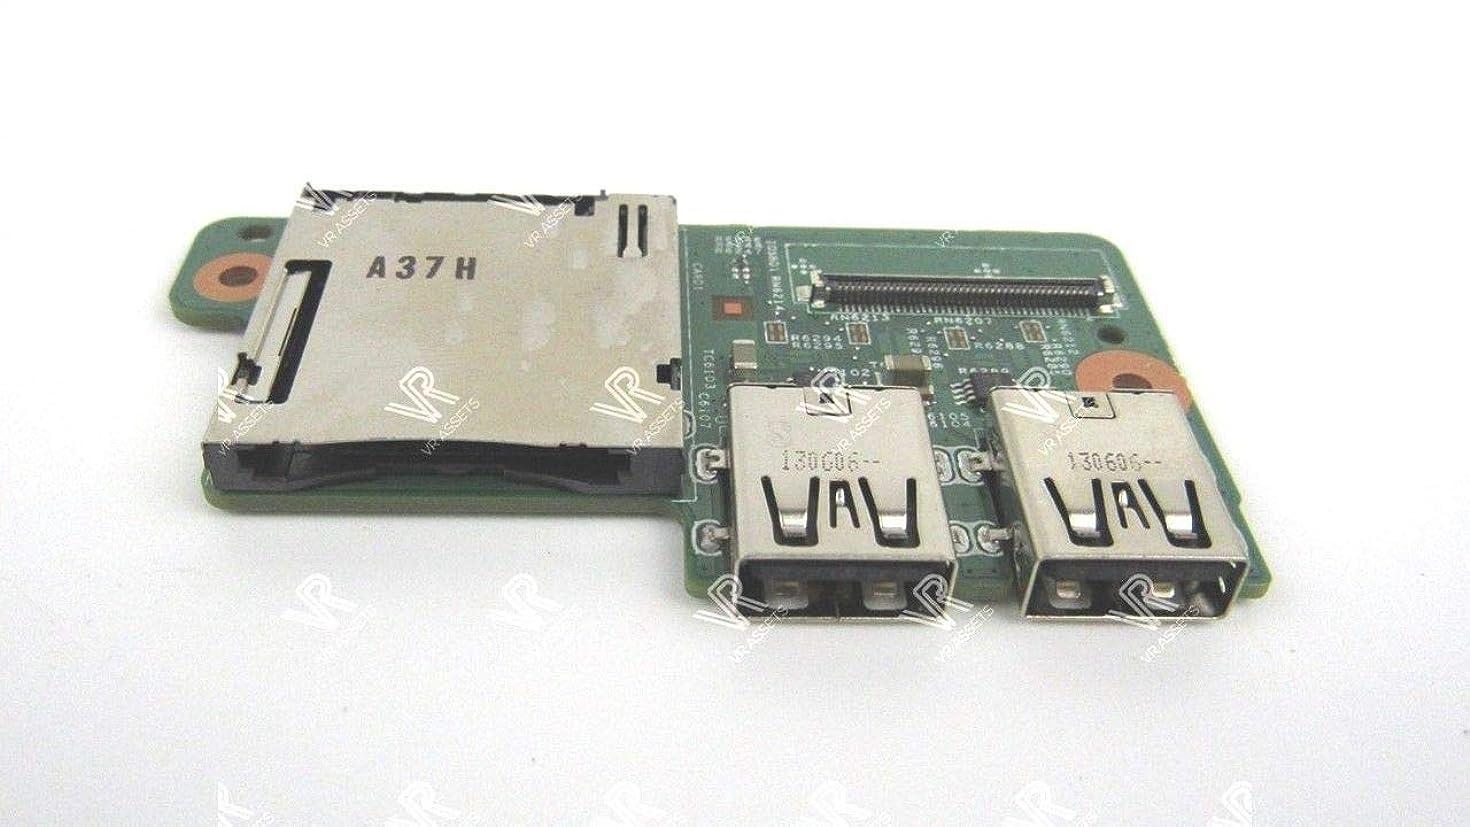 7V6G2 - Dell Inspiron 15z (5523) USB / SD Card Reader IO Circuit Board - 7V6G2